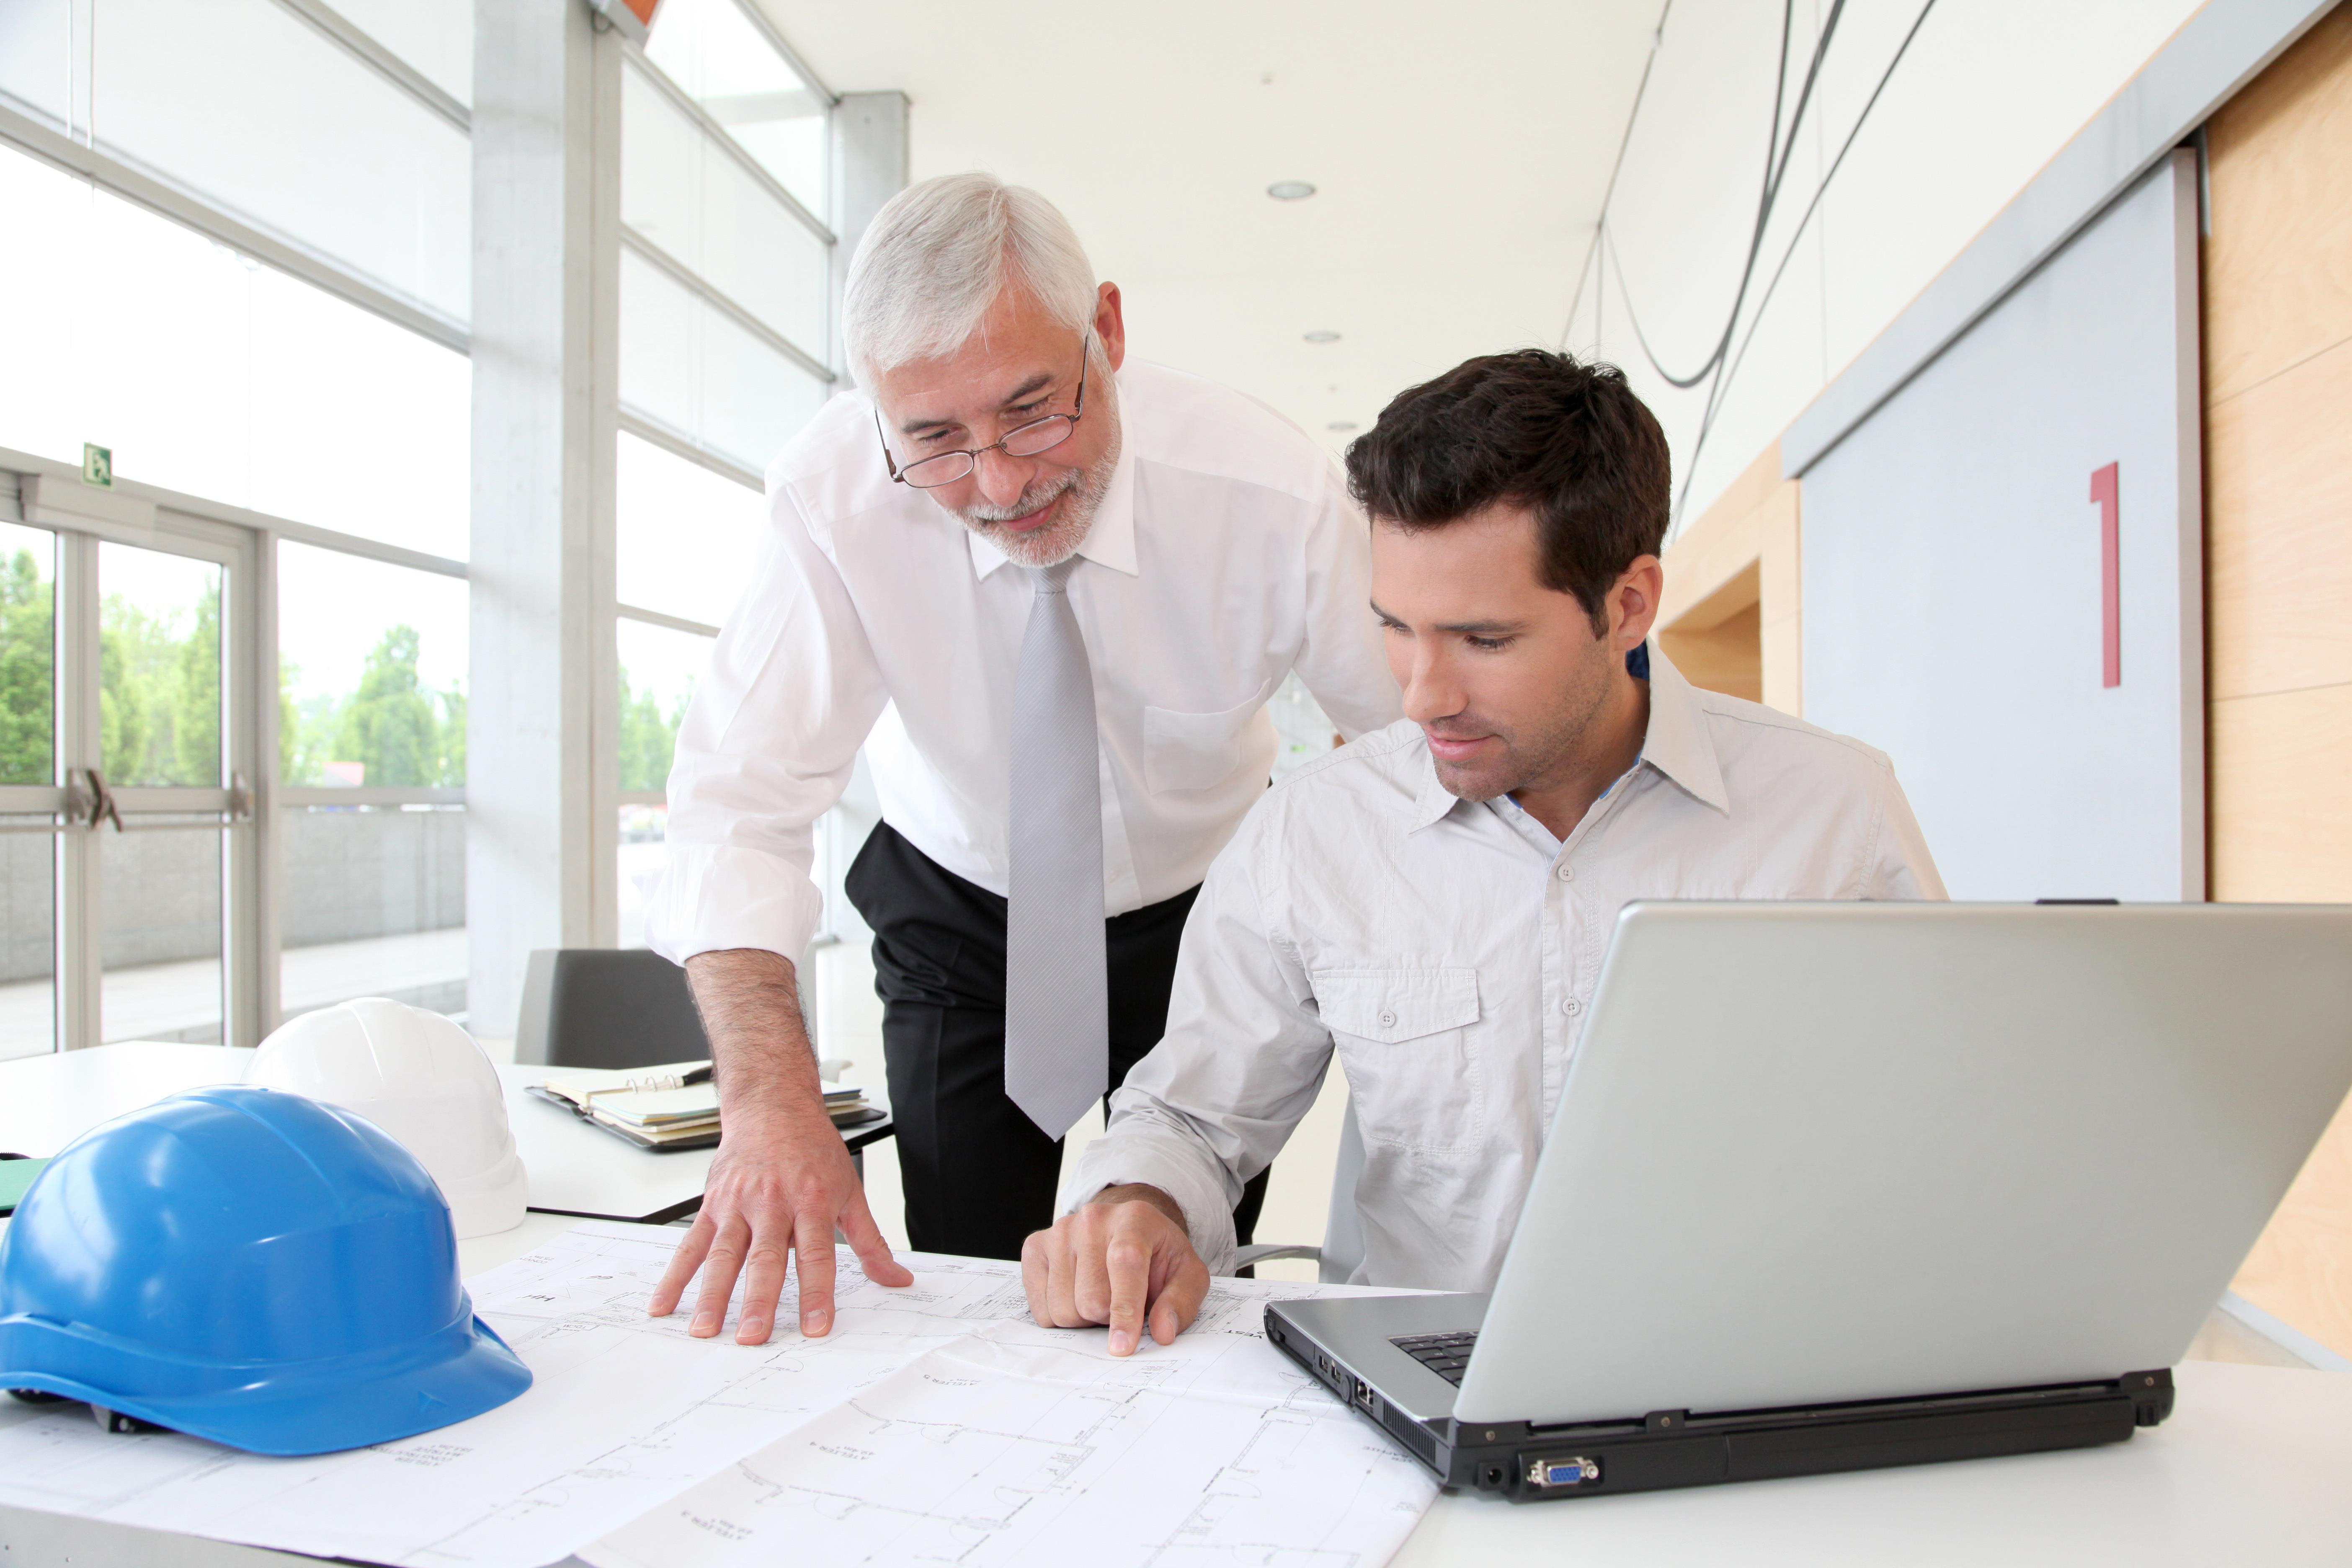 Twee engineers bespreken een technische tekening